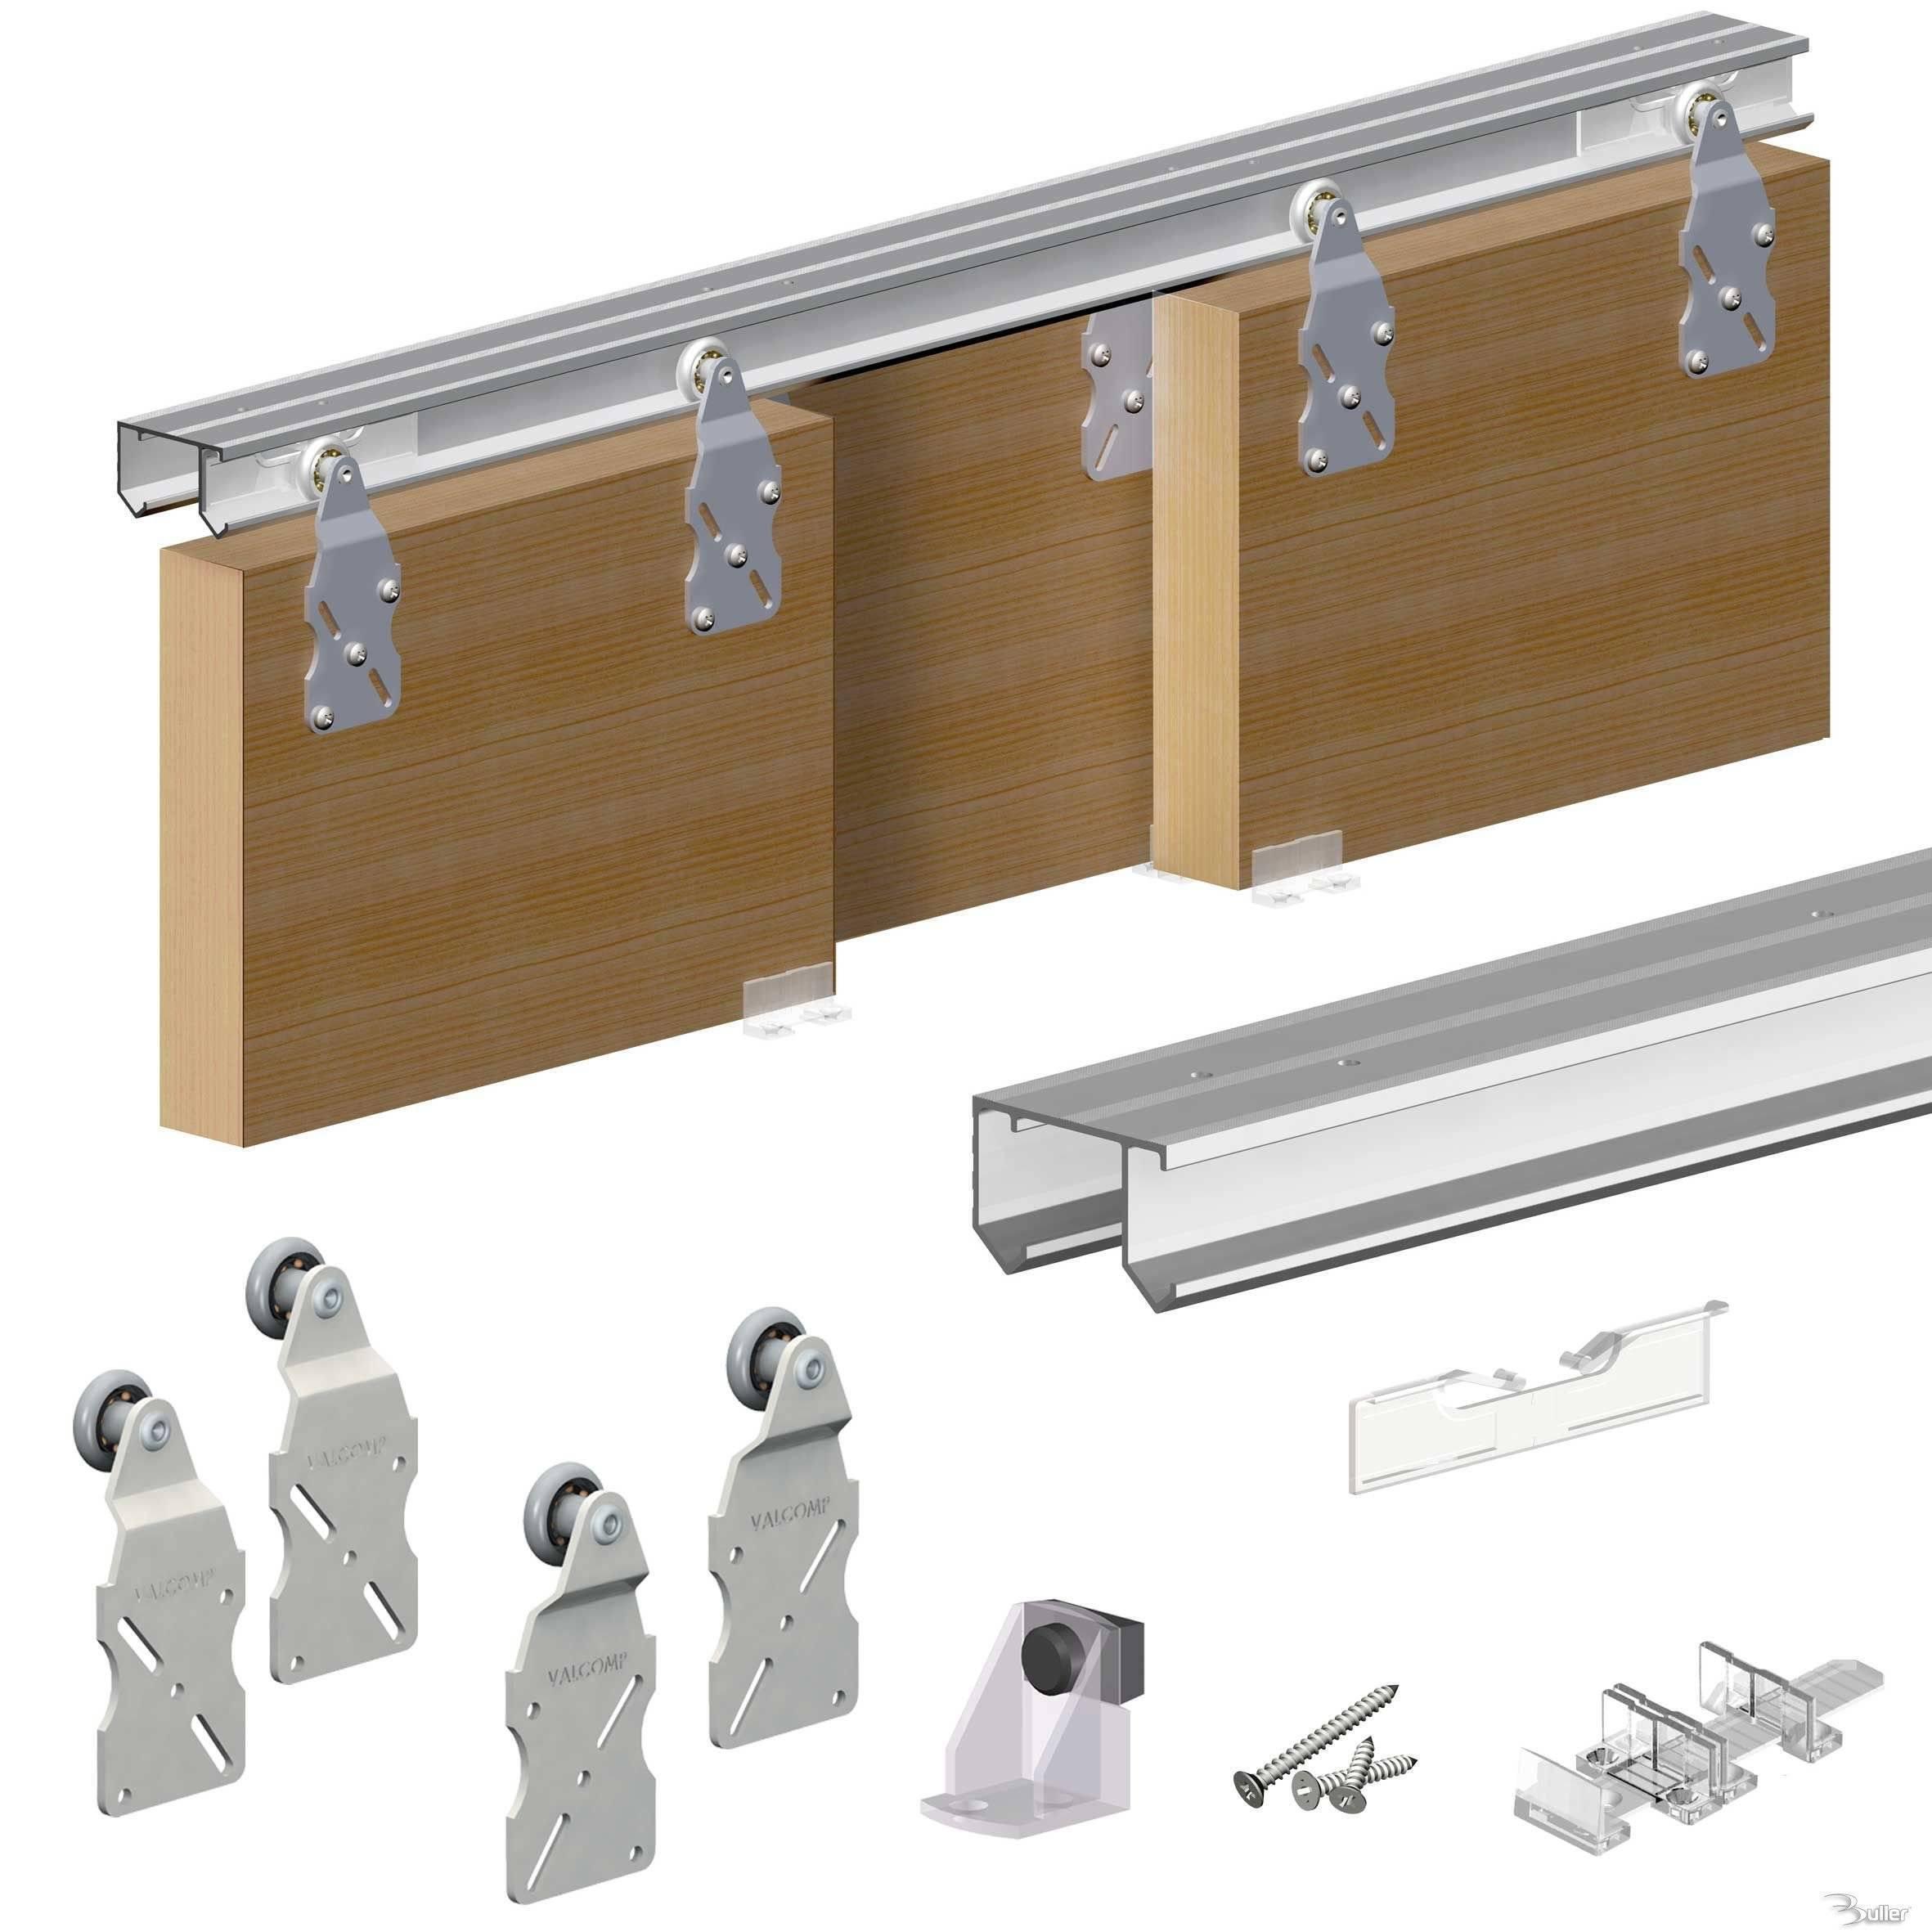 horus top hung sliding door system wardrobe track kit. Black Bedroom Furniture Sets. Home Design Ideas